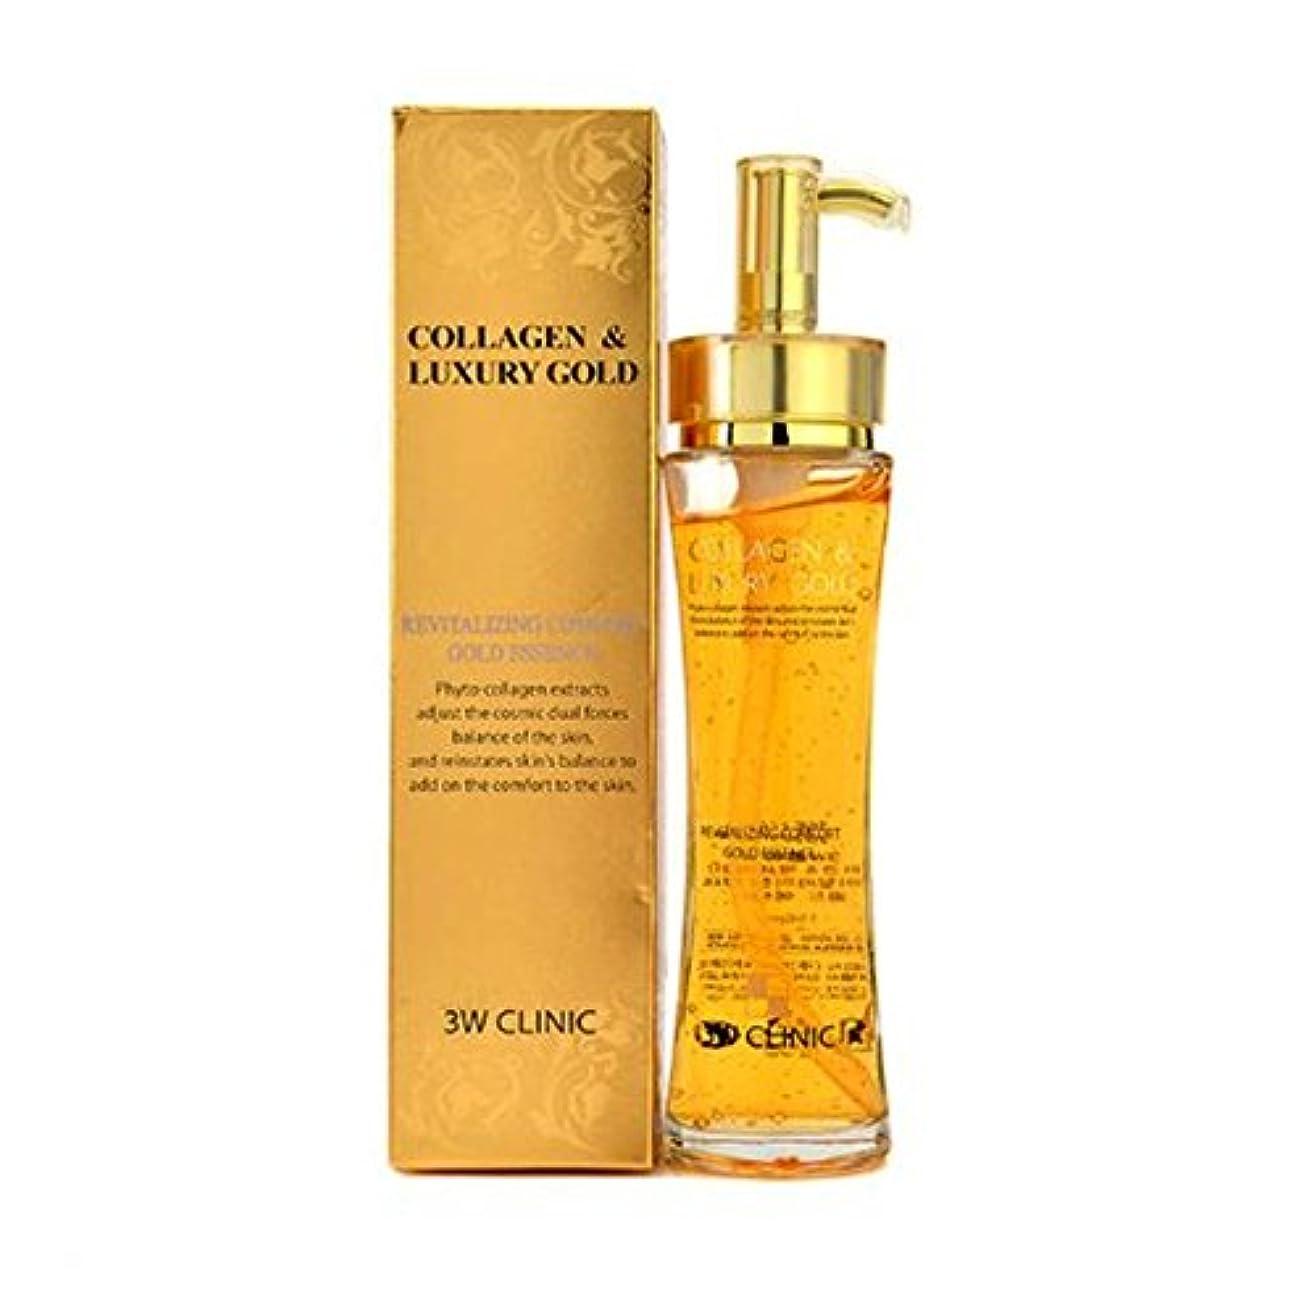 ドライブ正しく写真を撮る3Wクリニック Collagen & Luxury Gold Revitalizing Comfort Gold Essence 150ml/5.07oz並行輸入品